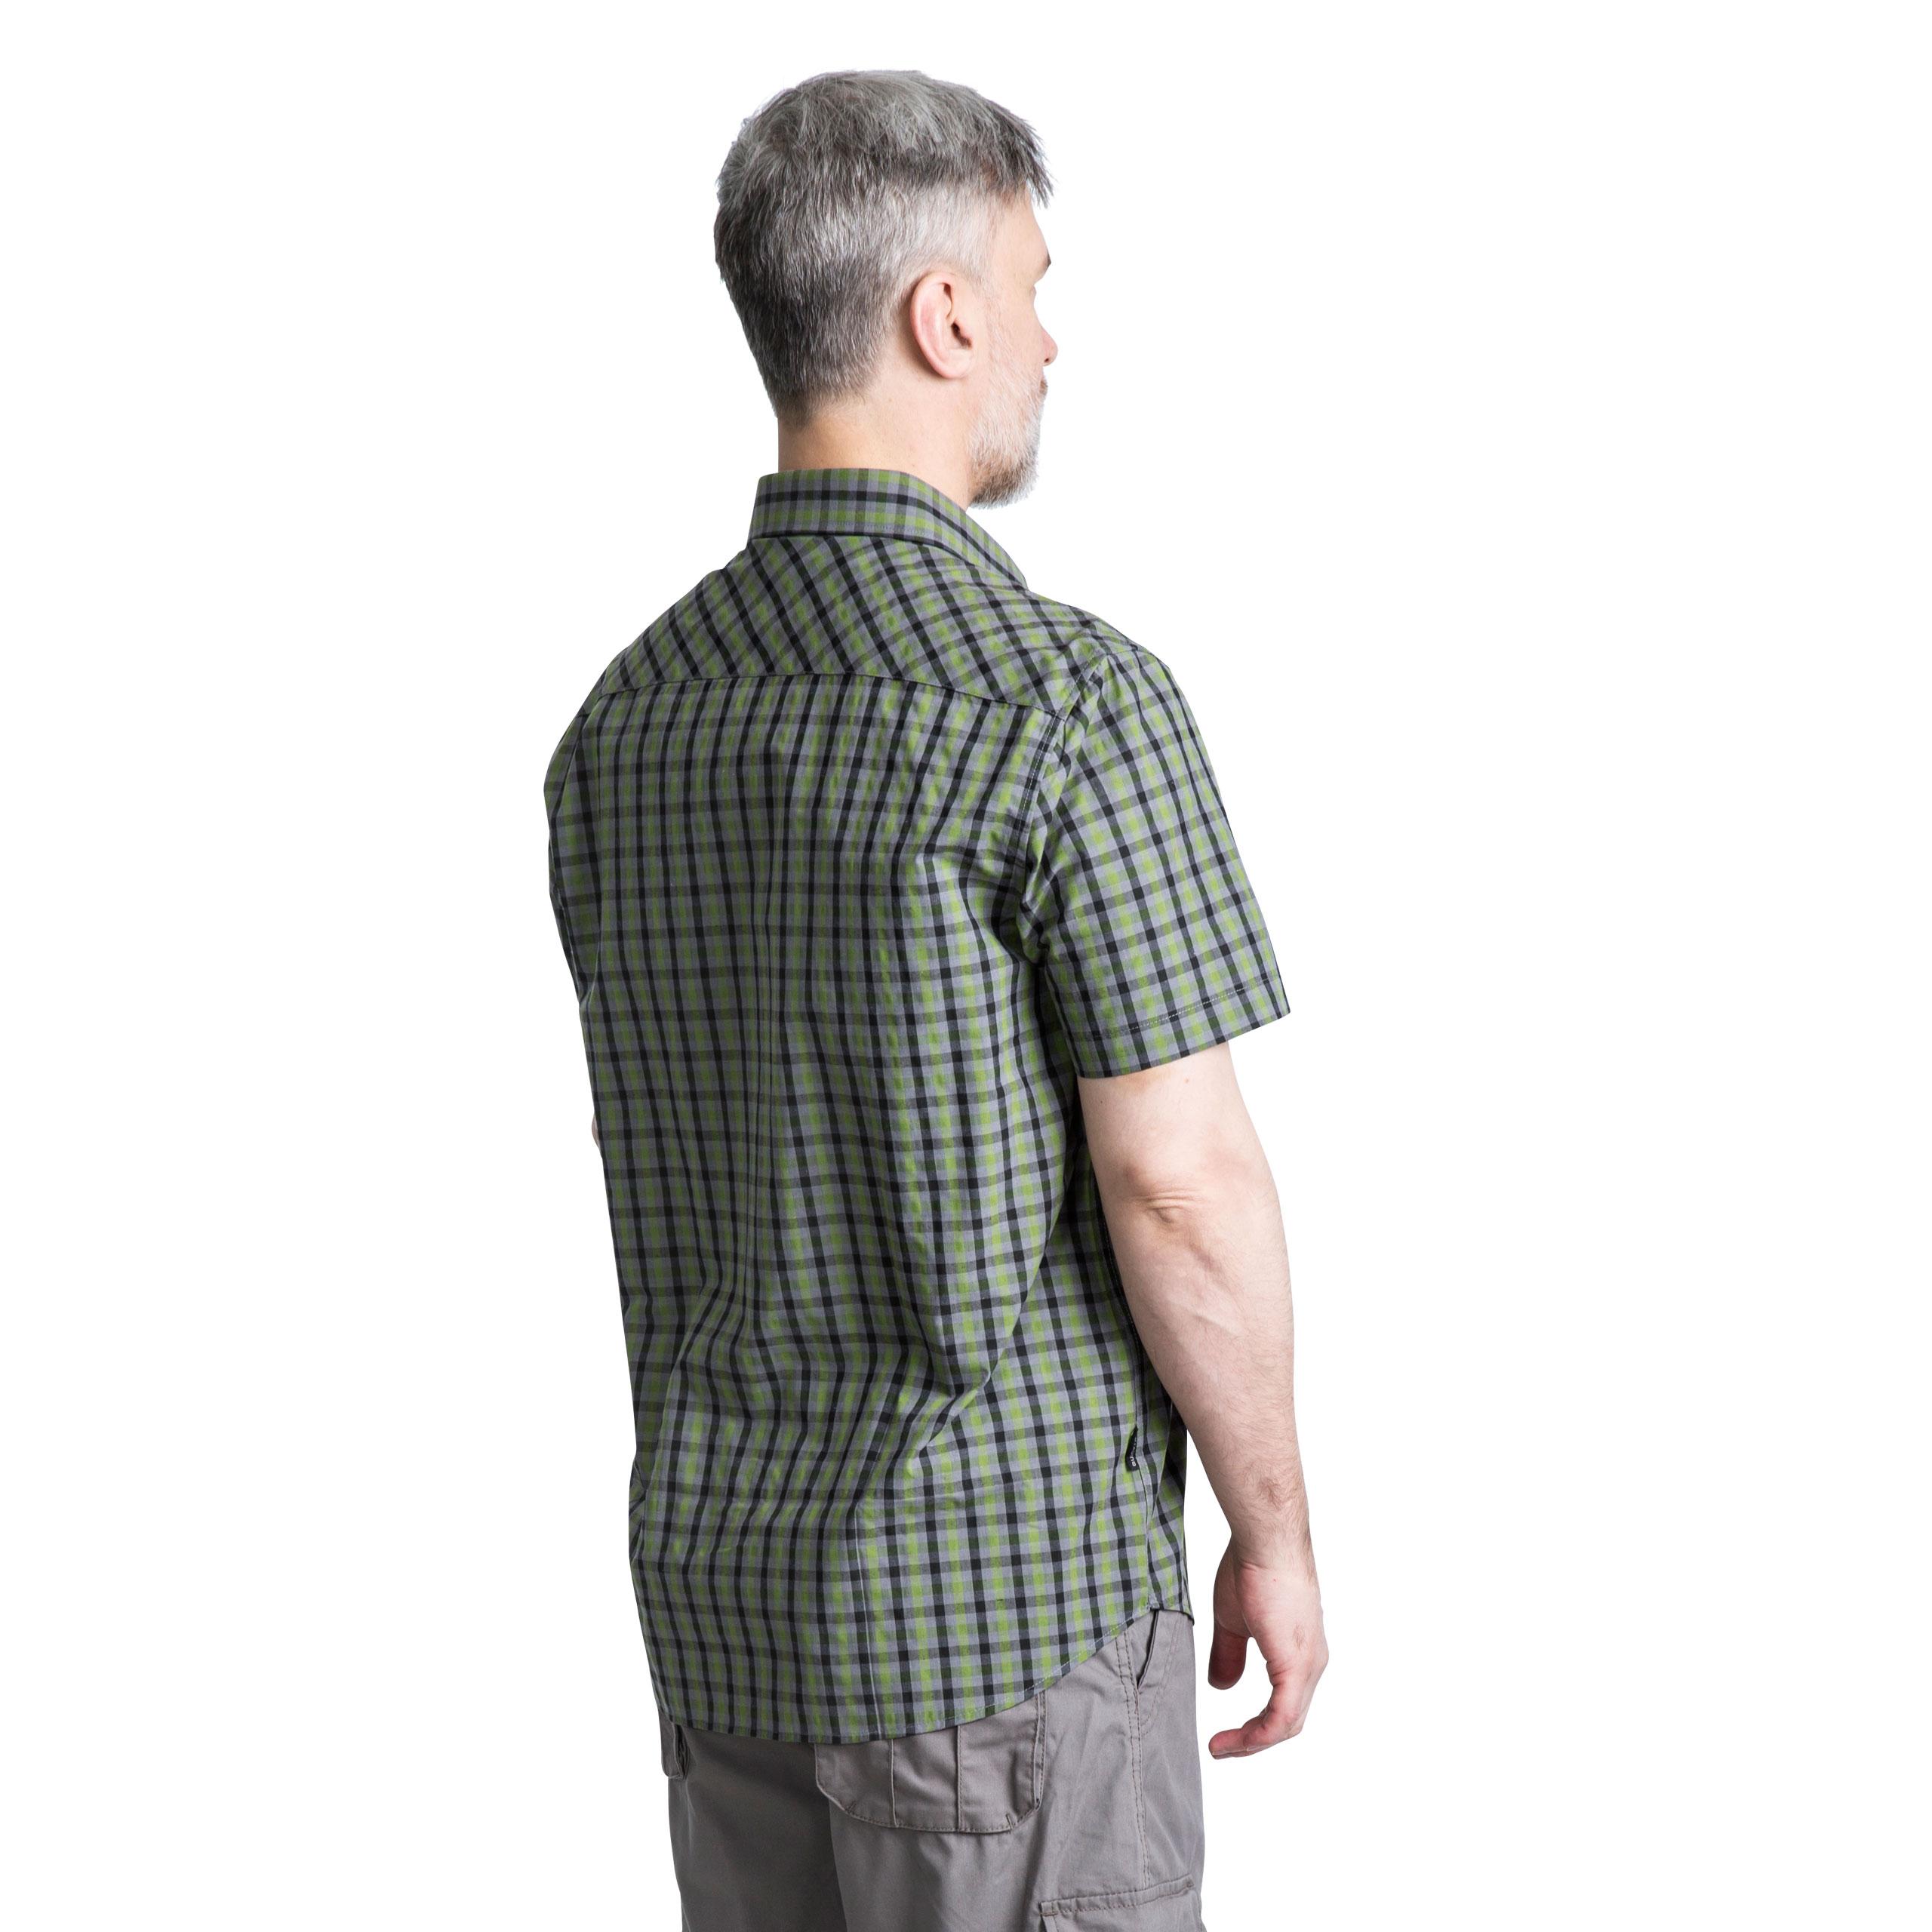 Trespass-Juba-Mens-Short-Sleeved-Checked-Shirt-Casual-Summer-Top thumbnail 18